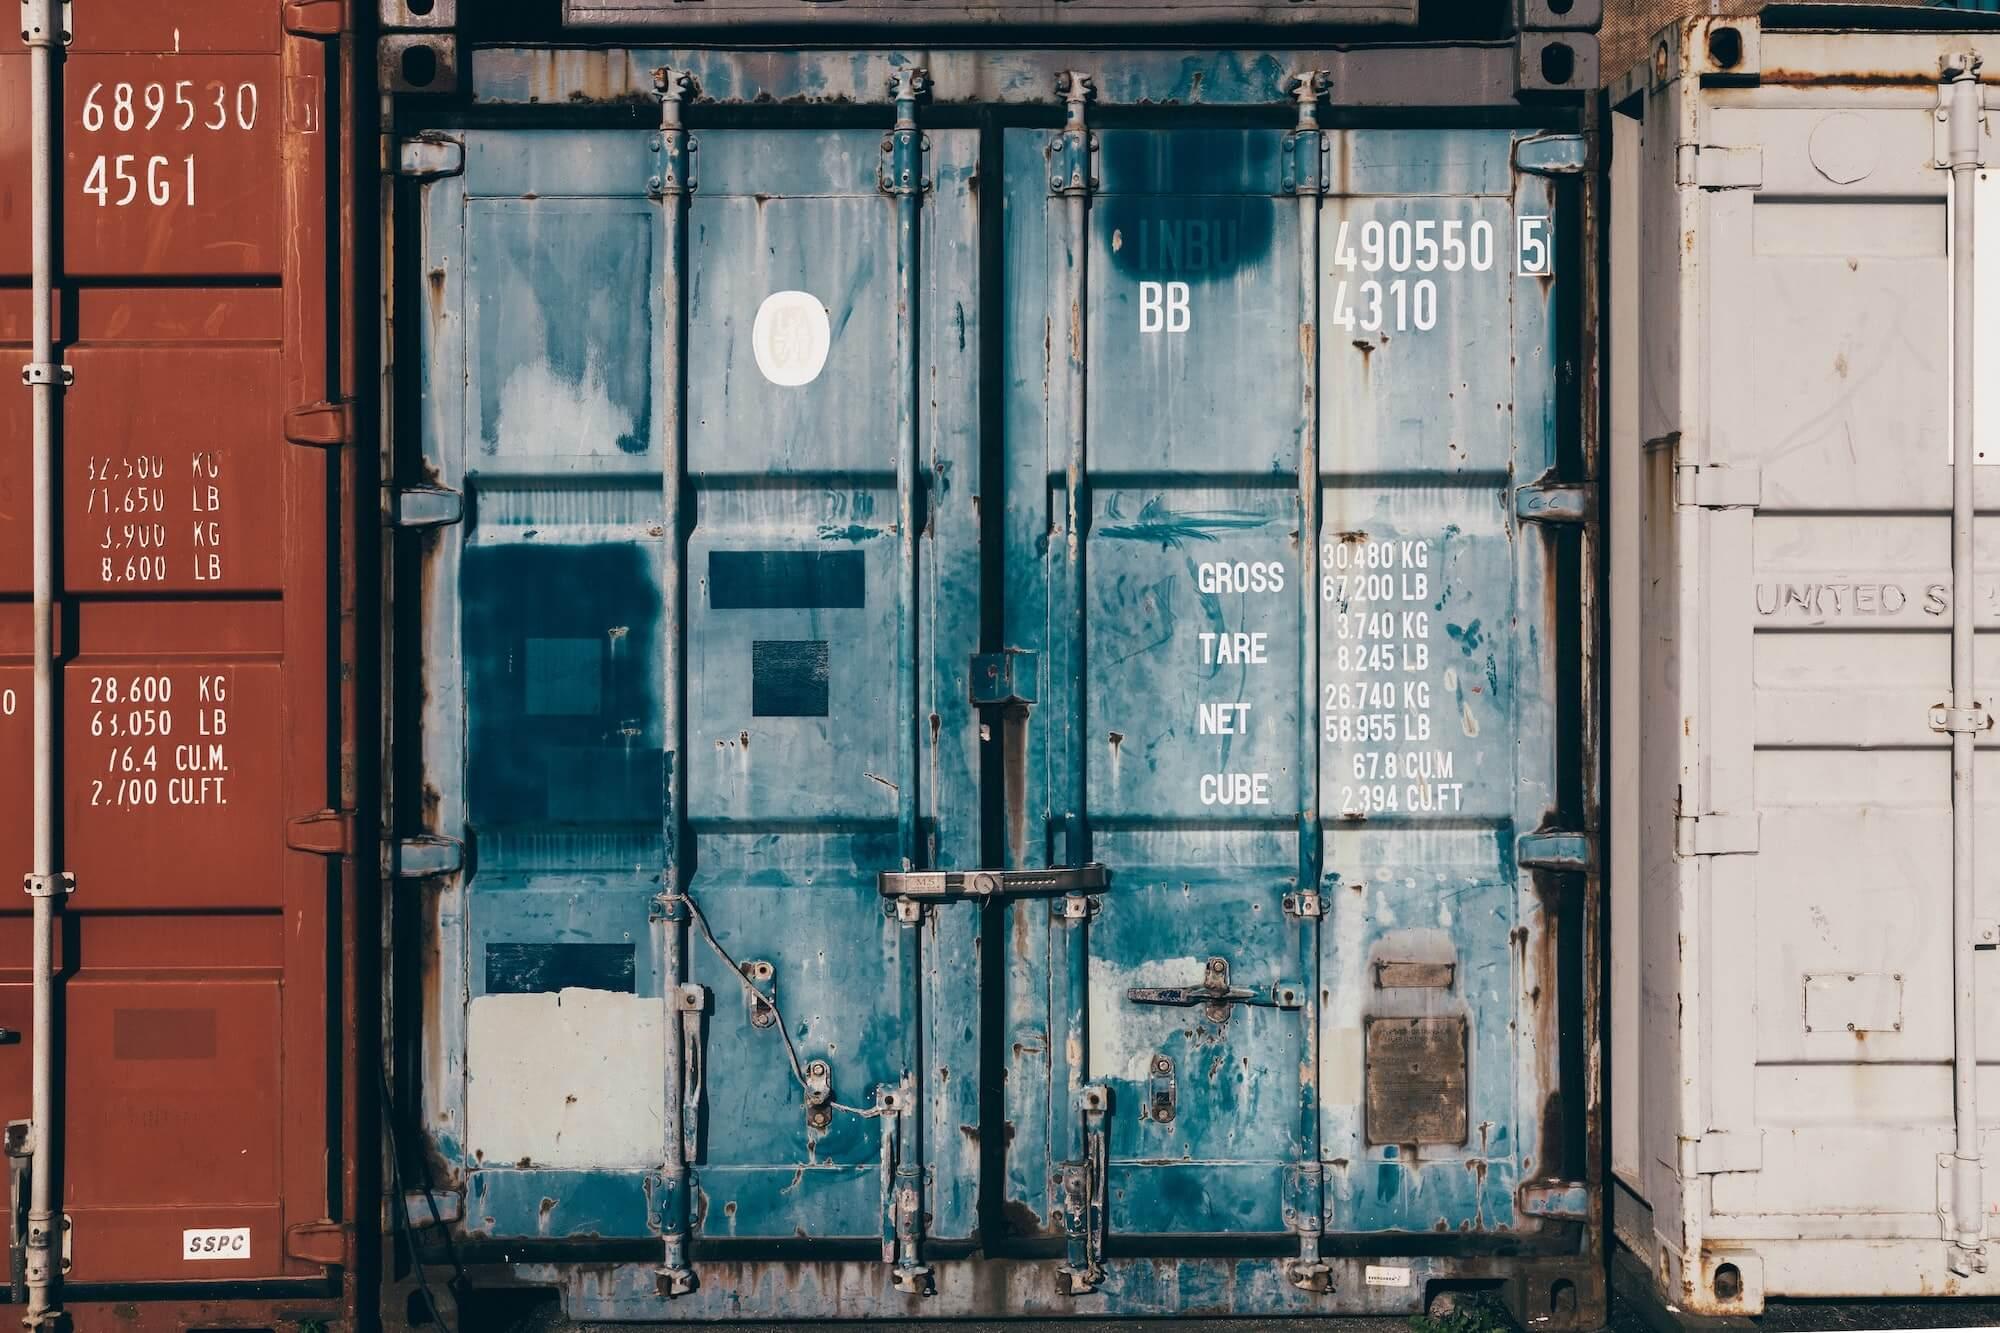 Container pour un envoie de colis à l'international